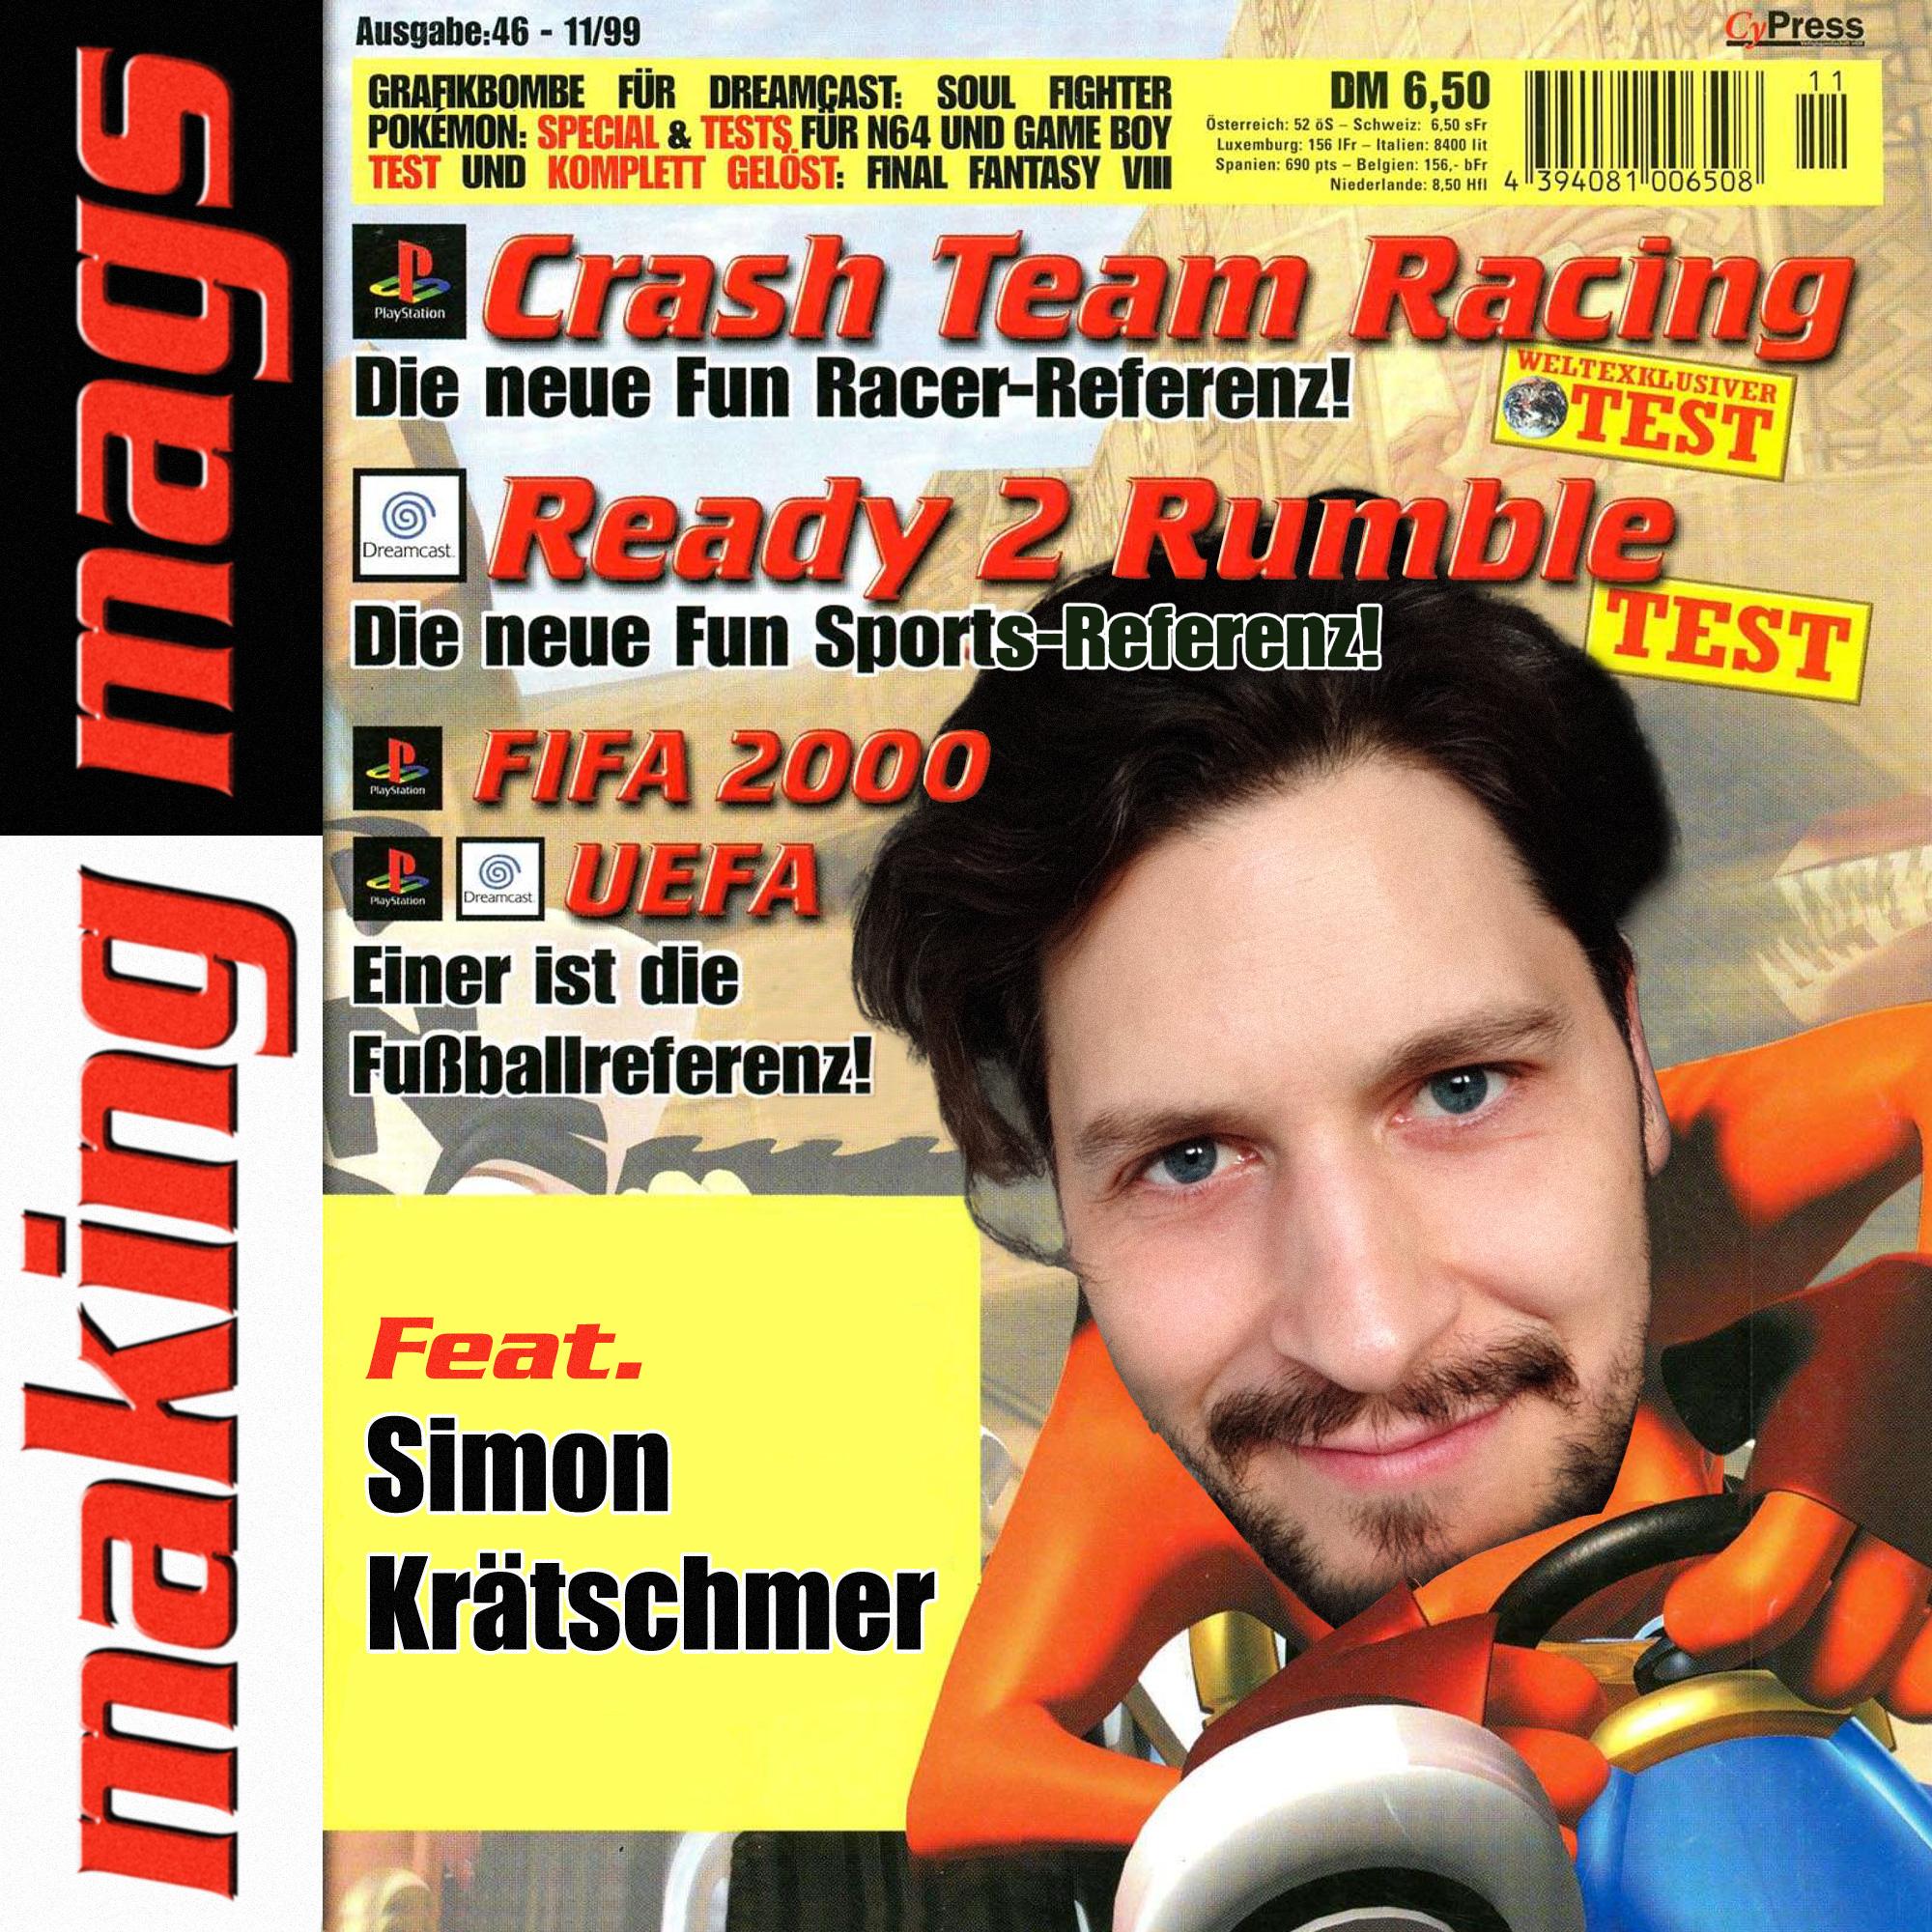 Simon Krätschmer prägte die letzte Phase der Fun Generation maßgeblich mit.